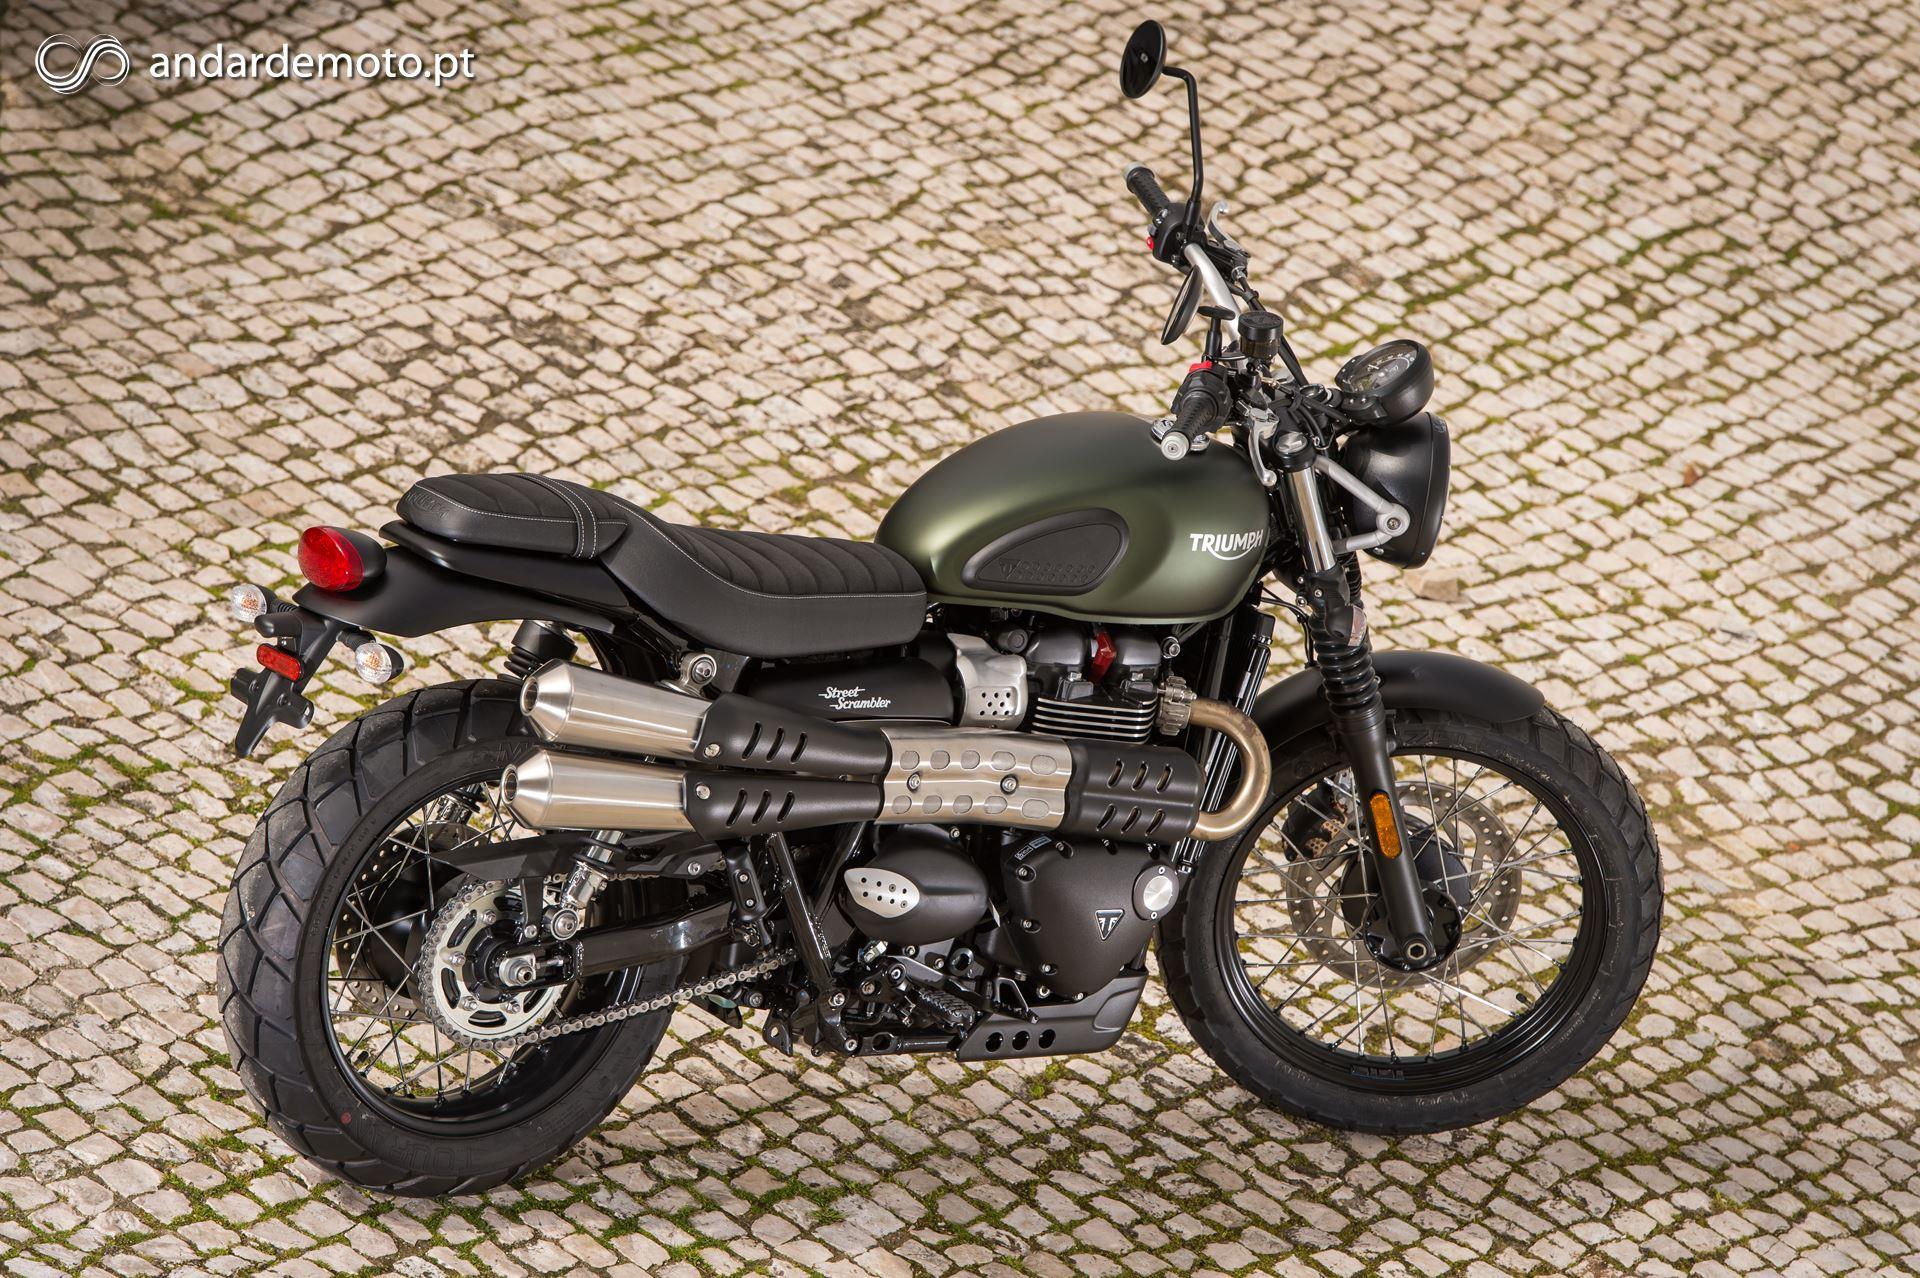 A Familia De Classicas De 900cc Da Triumph Aumentou Com A Street Scrambler Motonews Andar De Moto Brasil